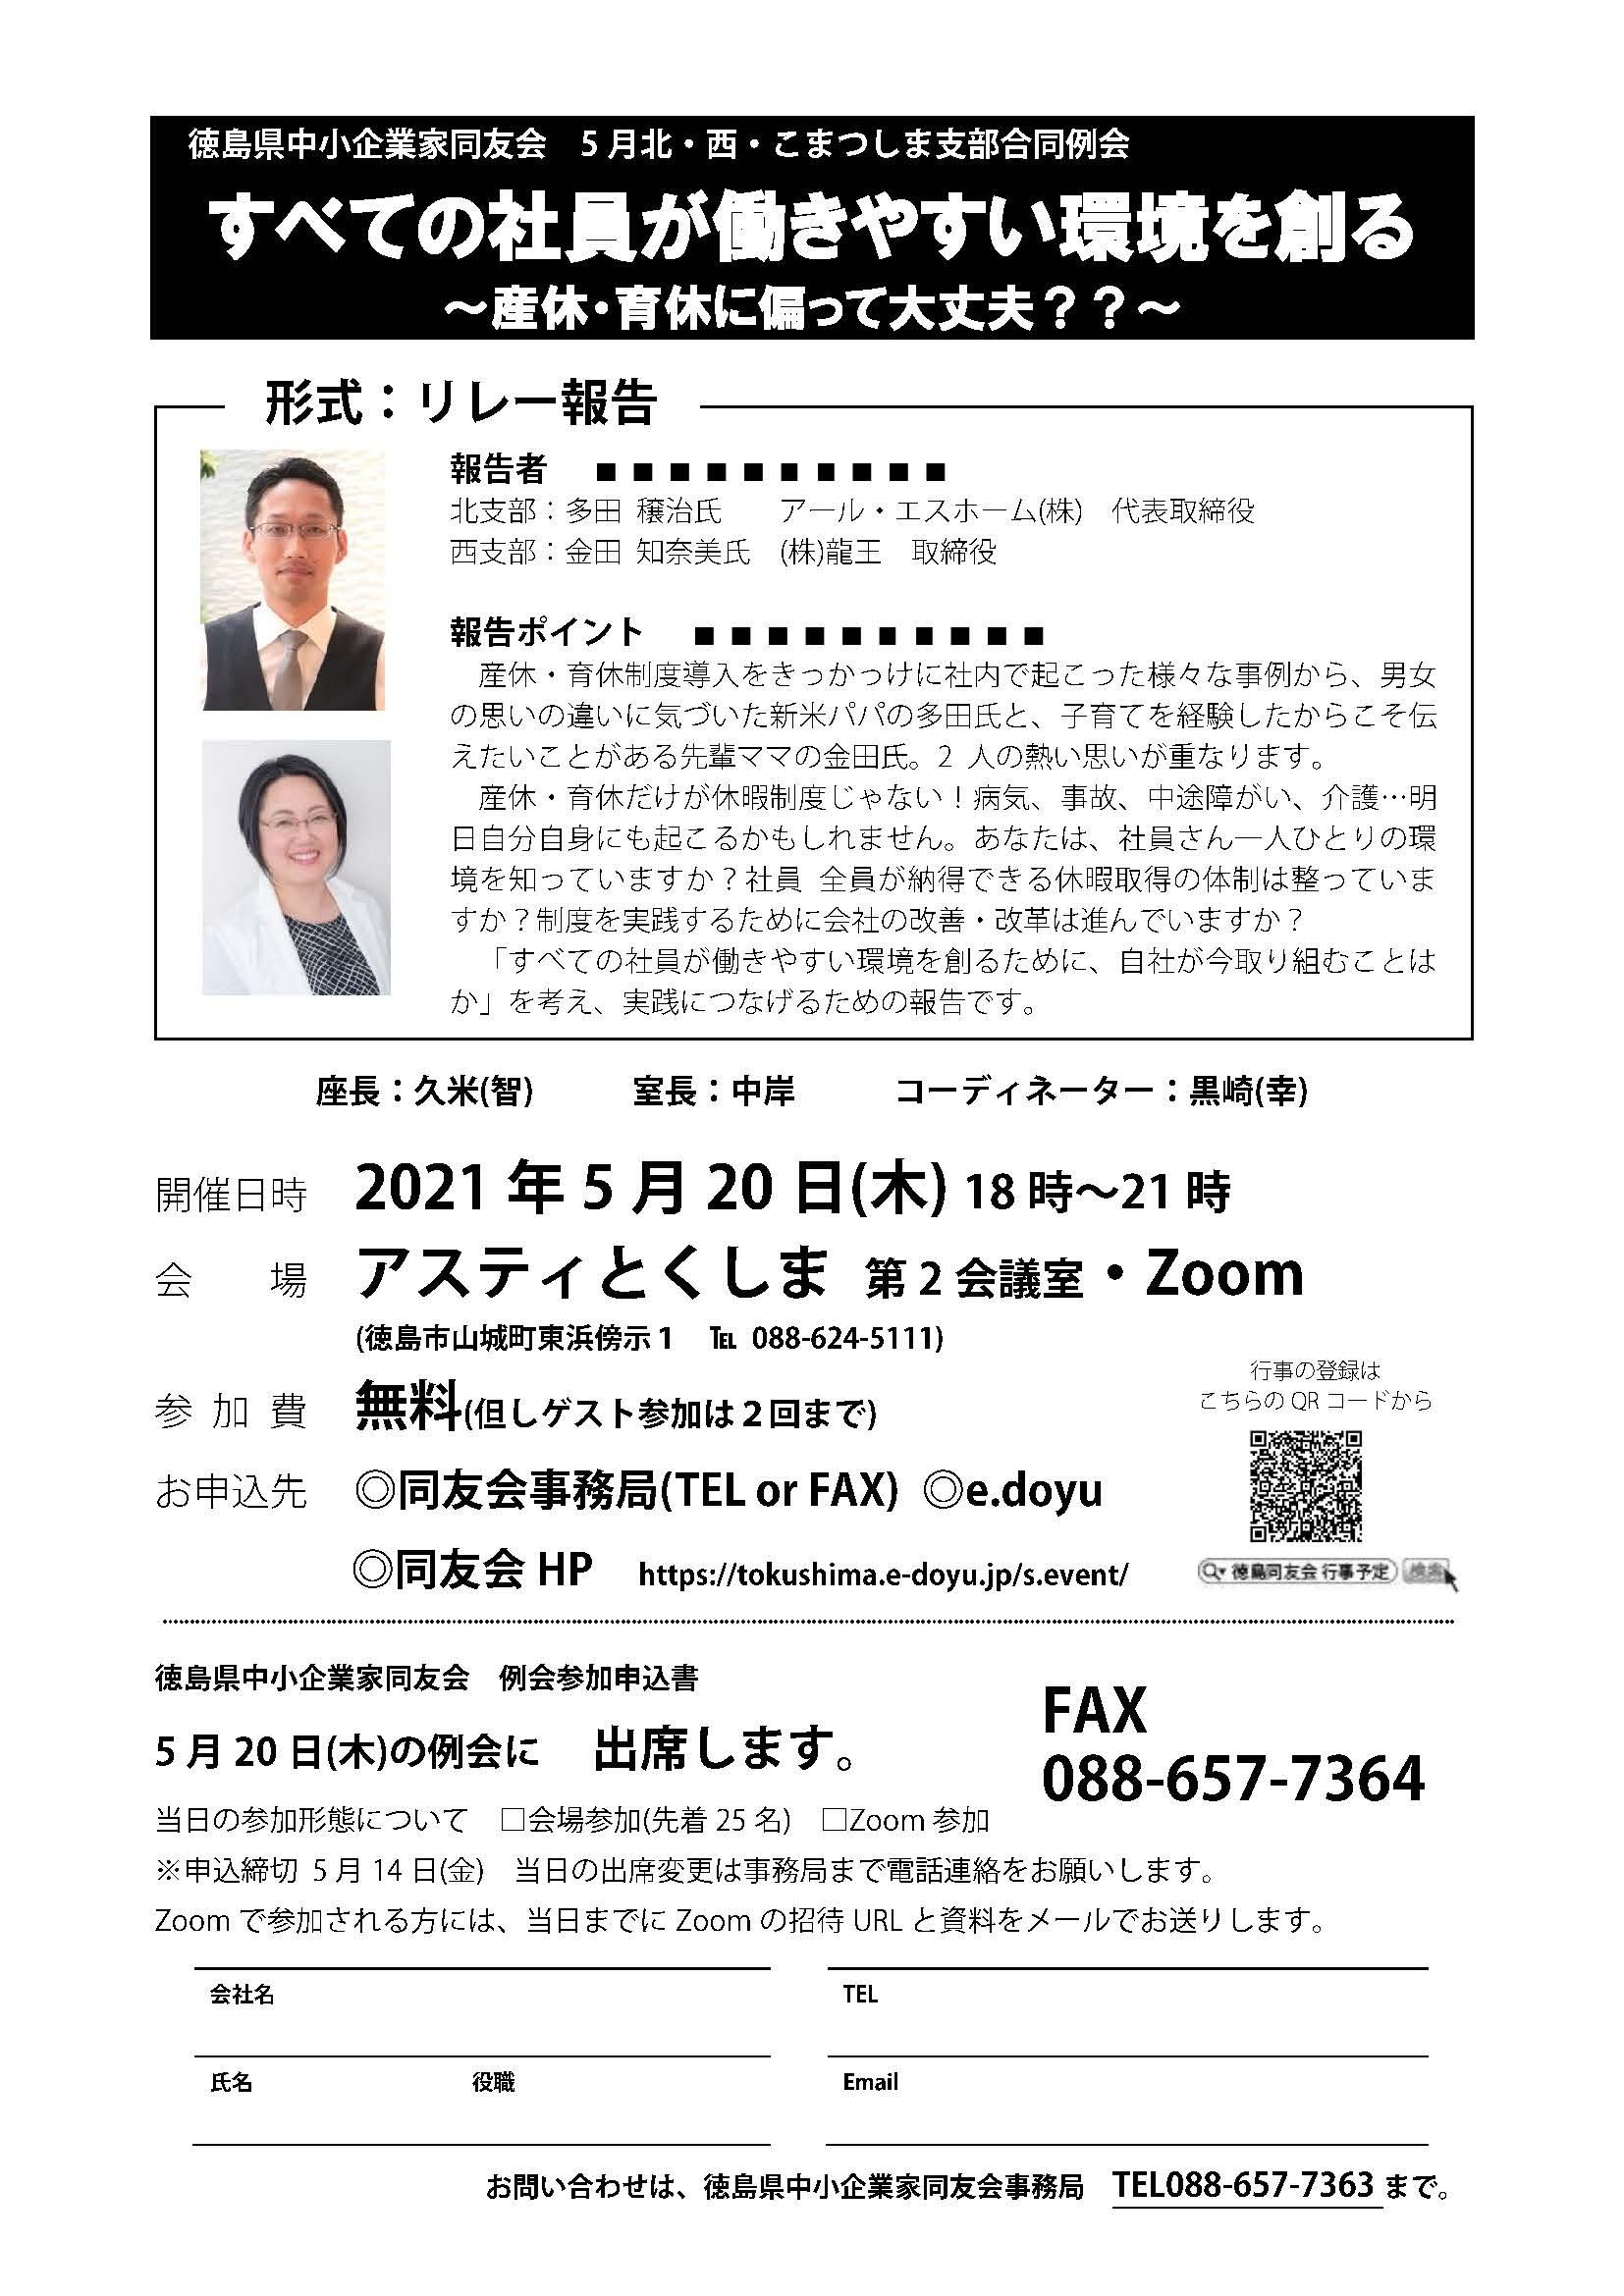 一般参加可能なイベント | 徳島中小企業家同友会